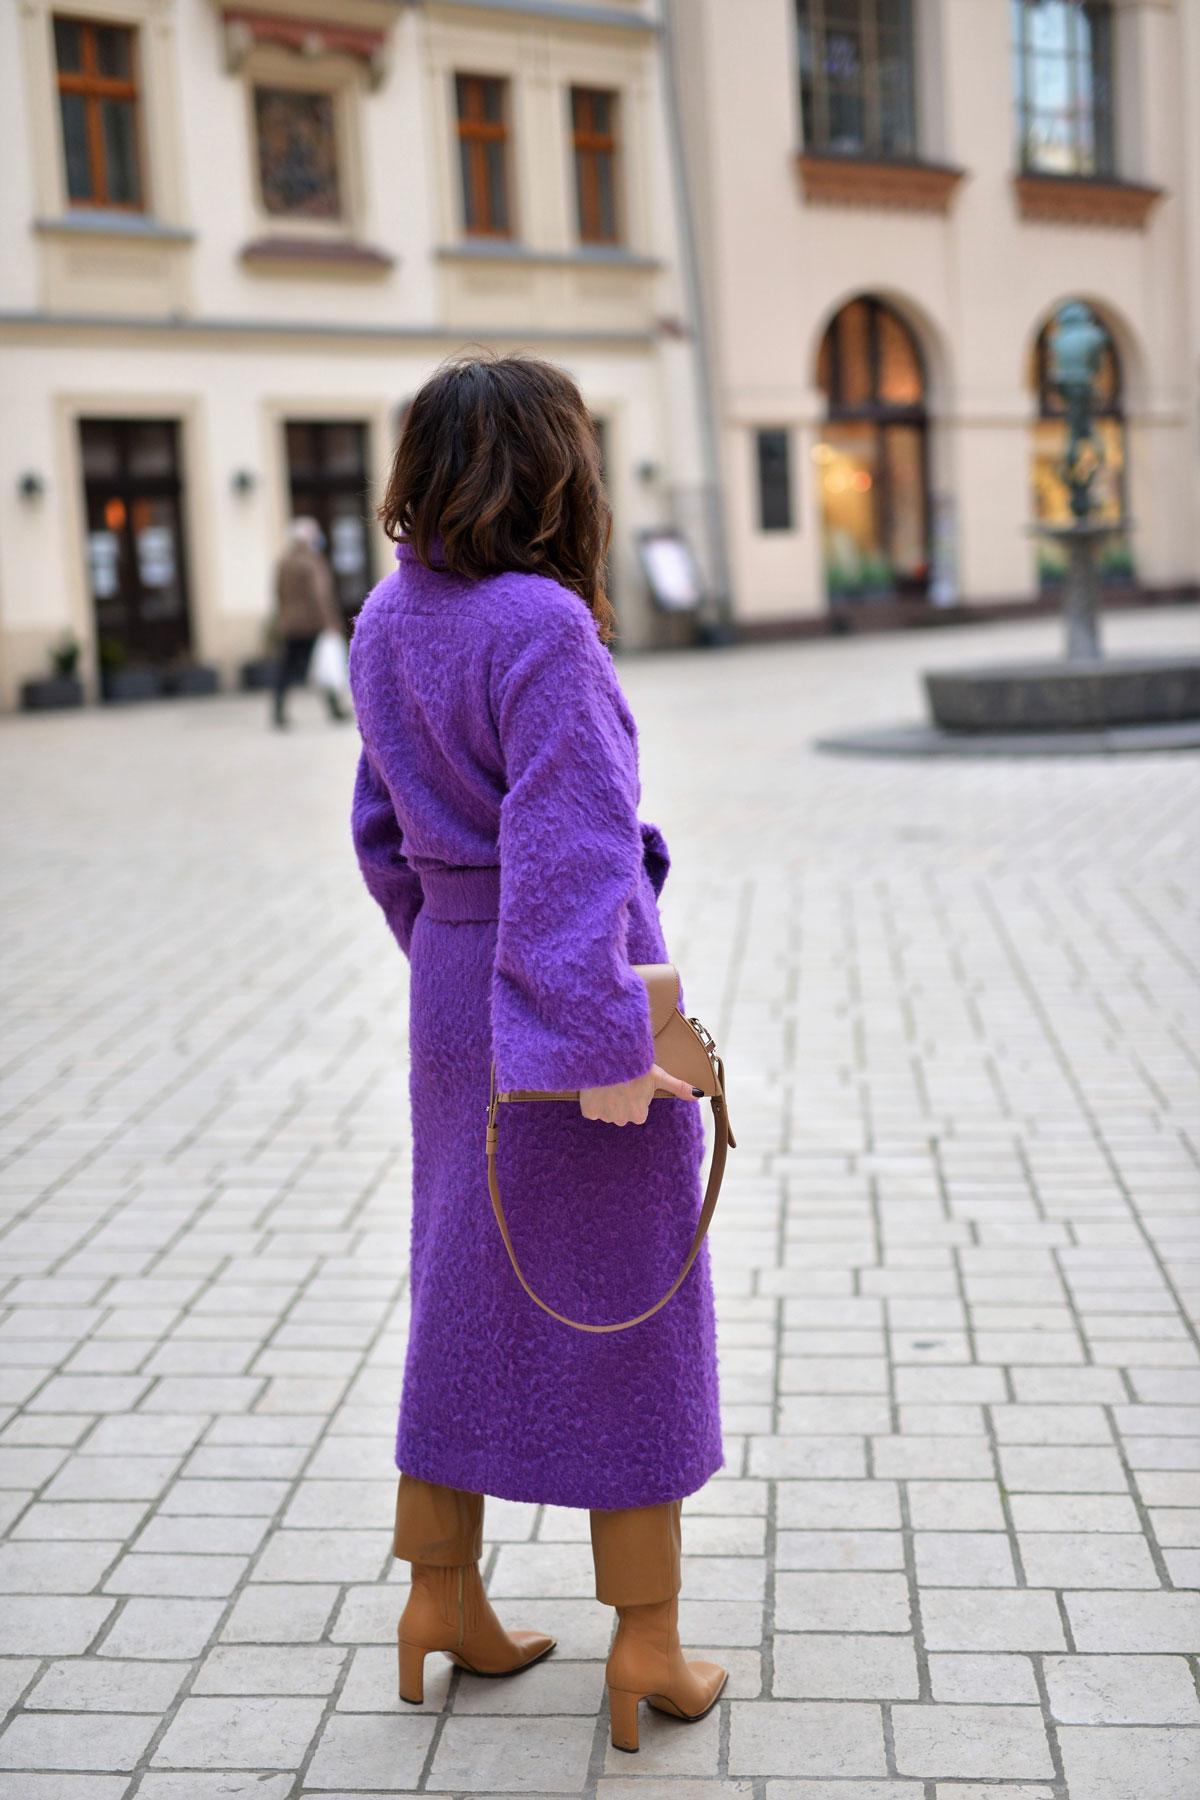 fioletowy-płaszcz-4